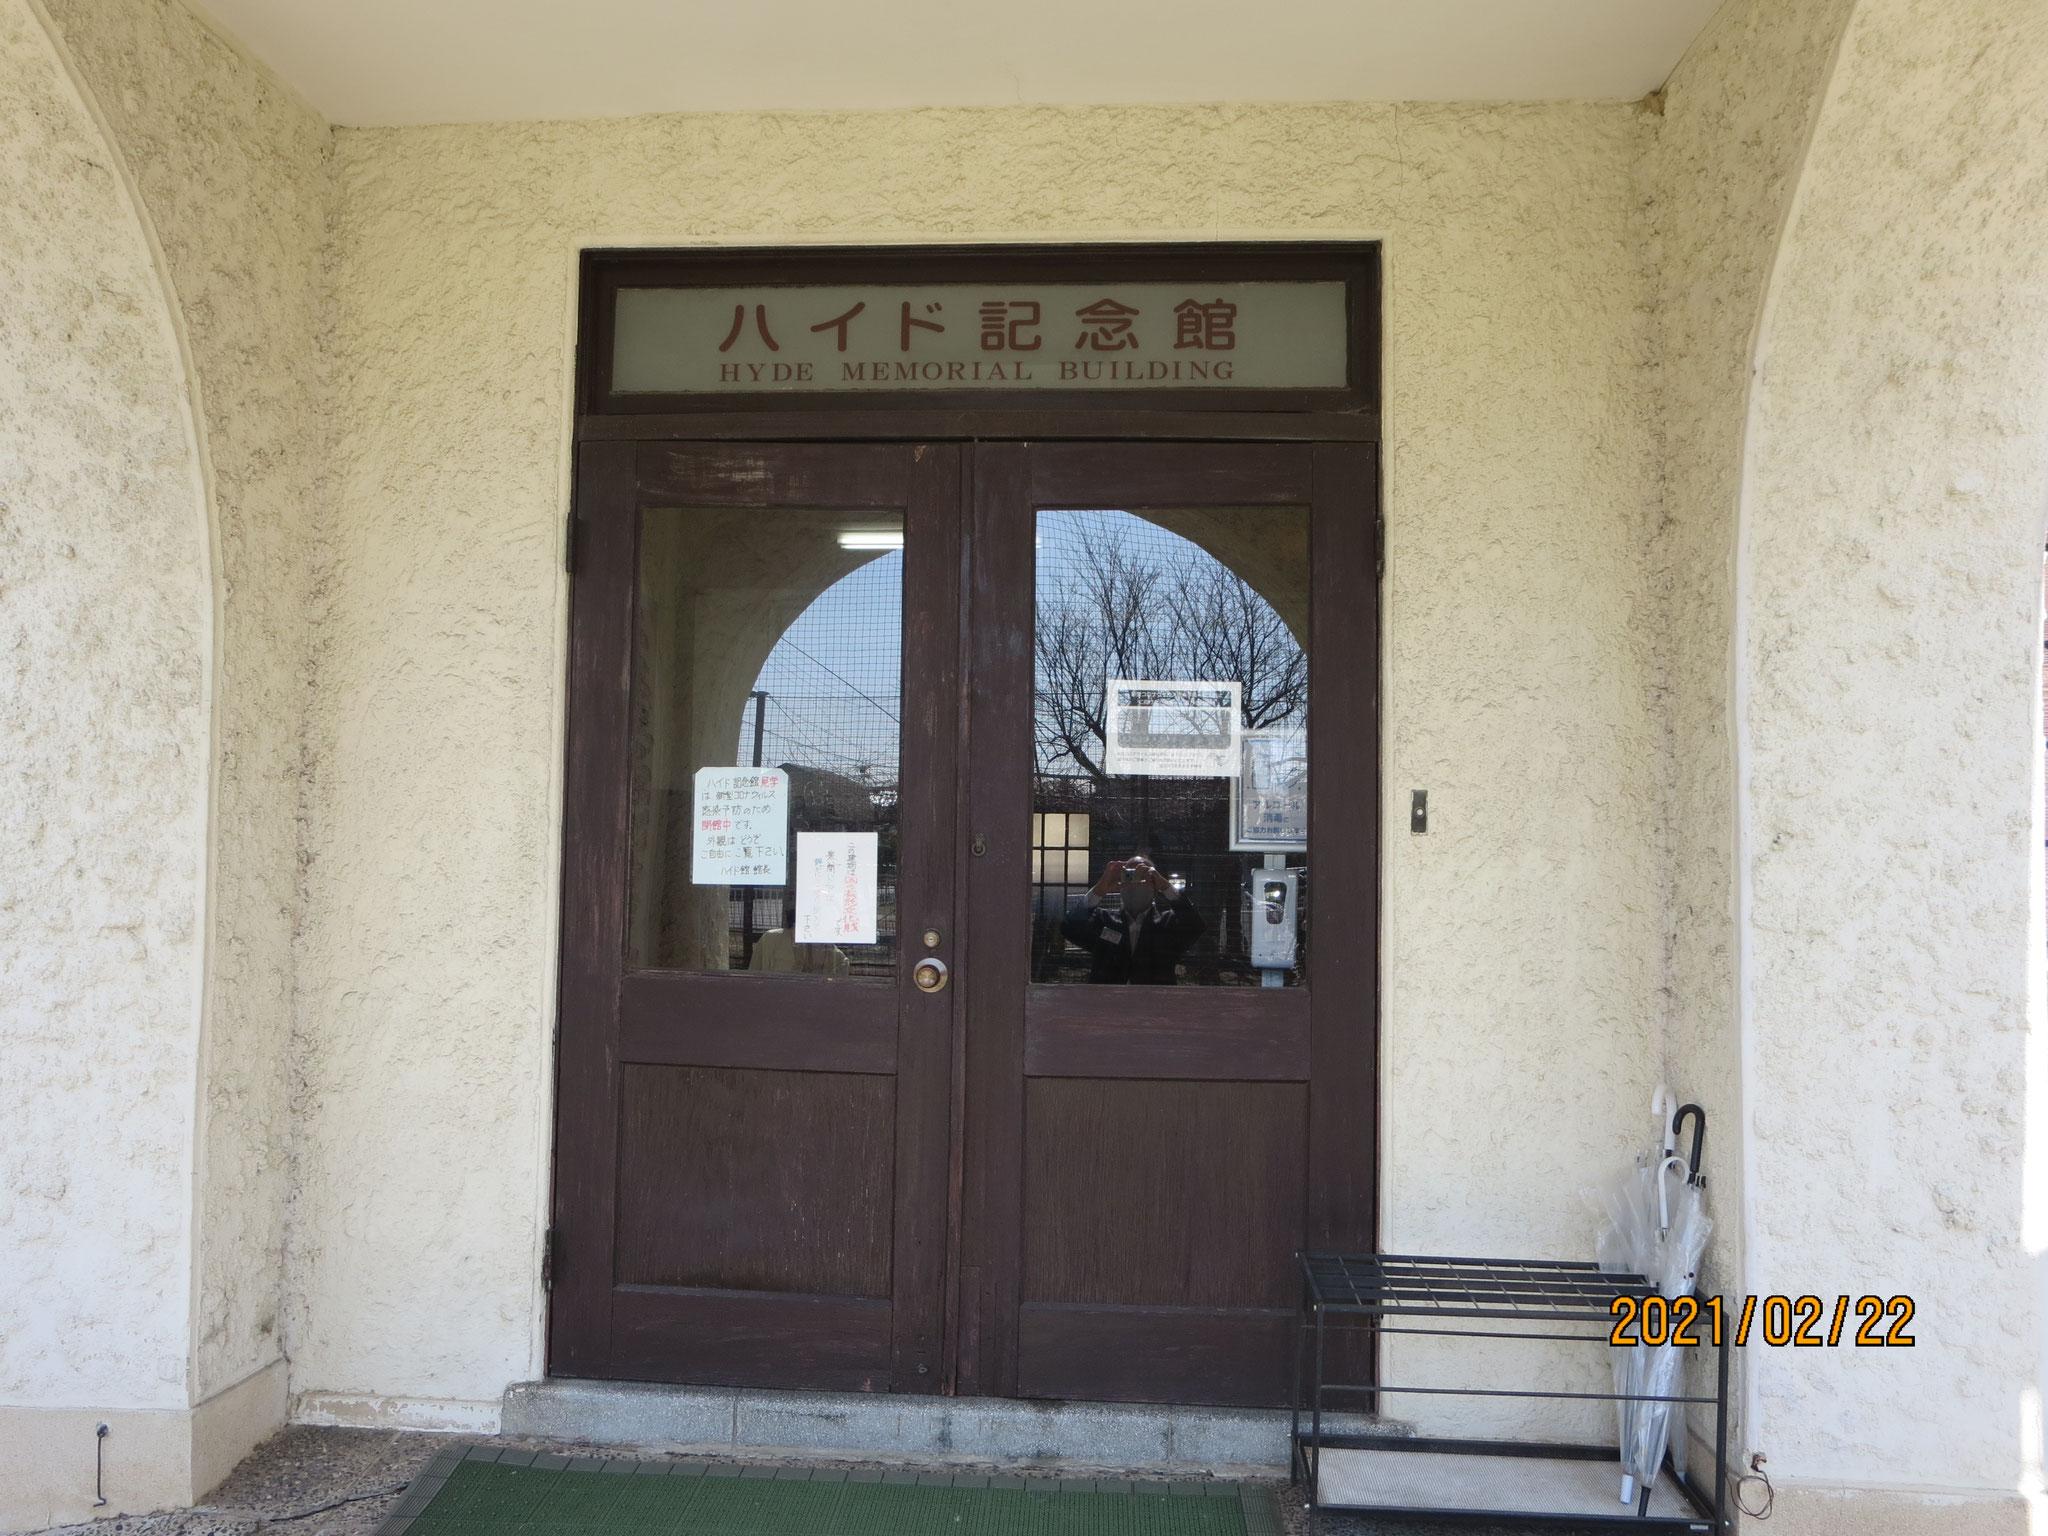 ハイド記念館 1931年建設、2000年に国の登録文化財に指定